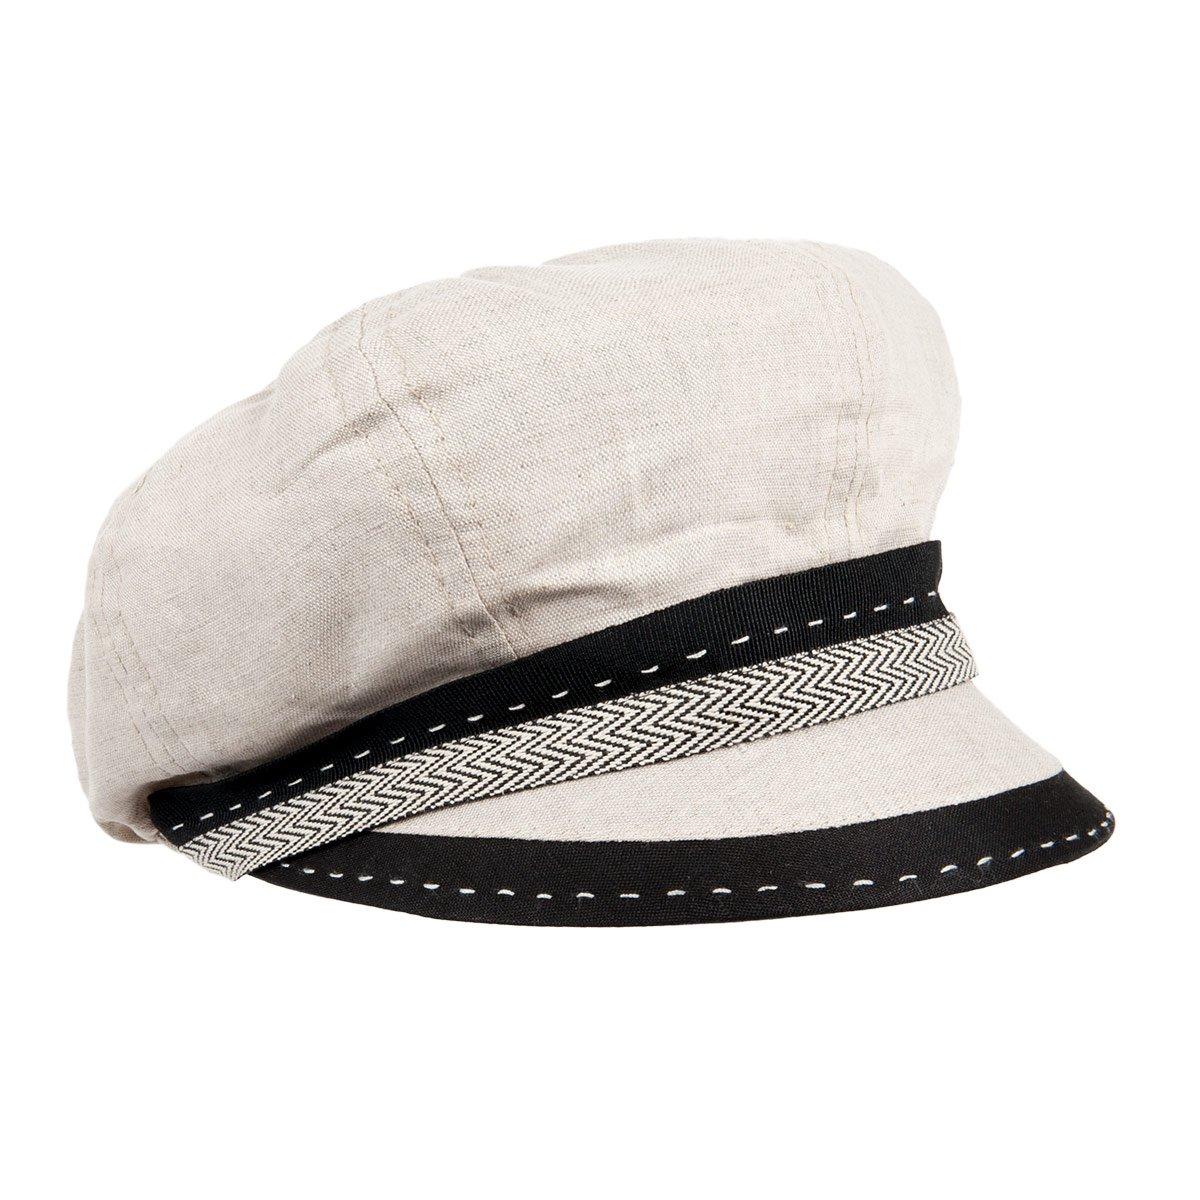 rilasciare informazioni su soddisfare vendita professionale woman's summer balloon cap --> Online Hatshop for hats, caps ...